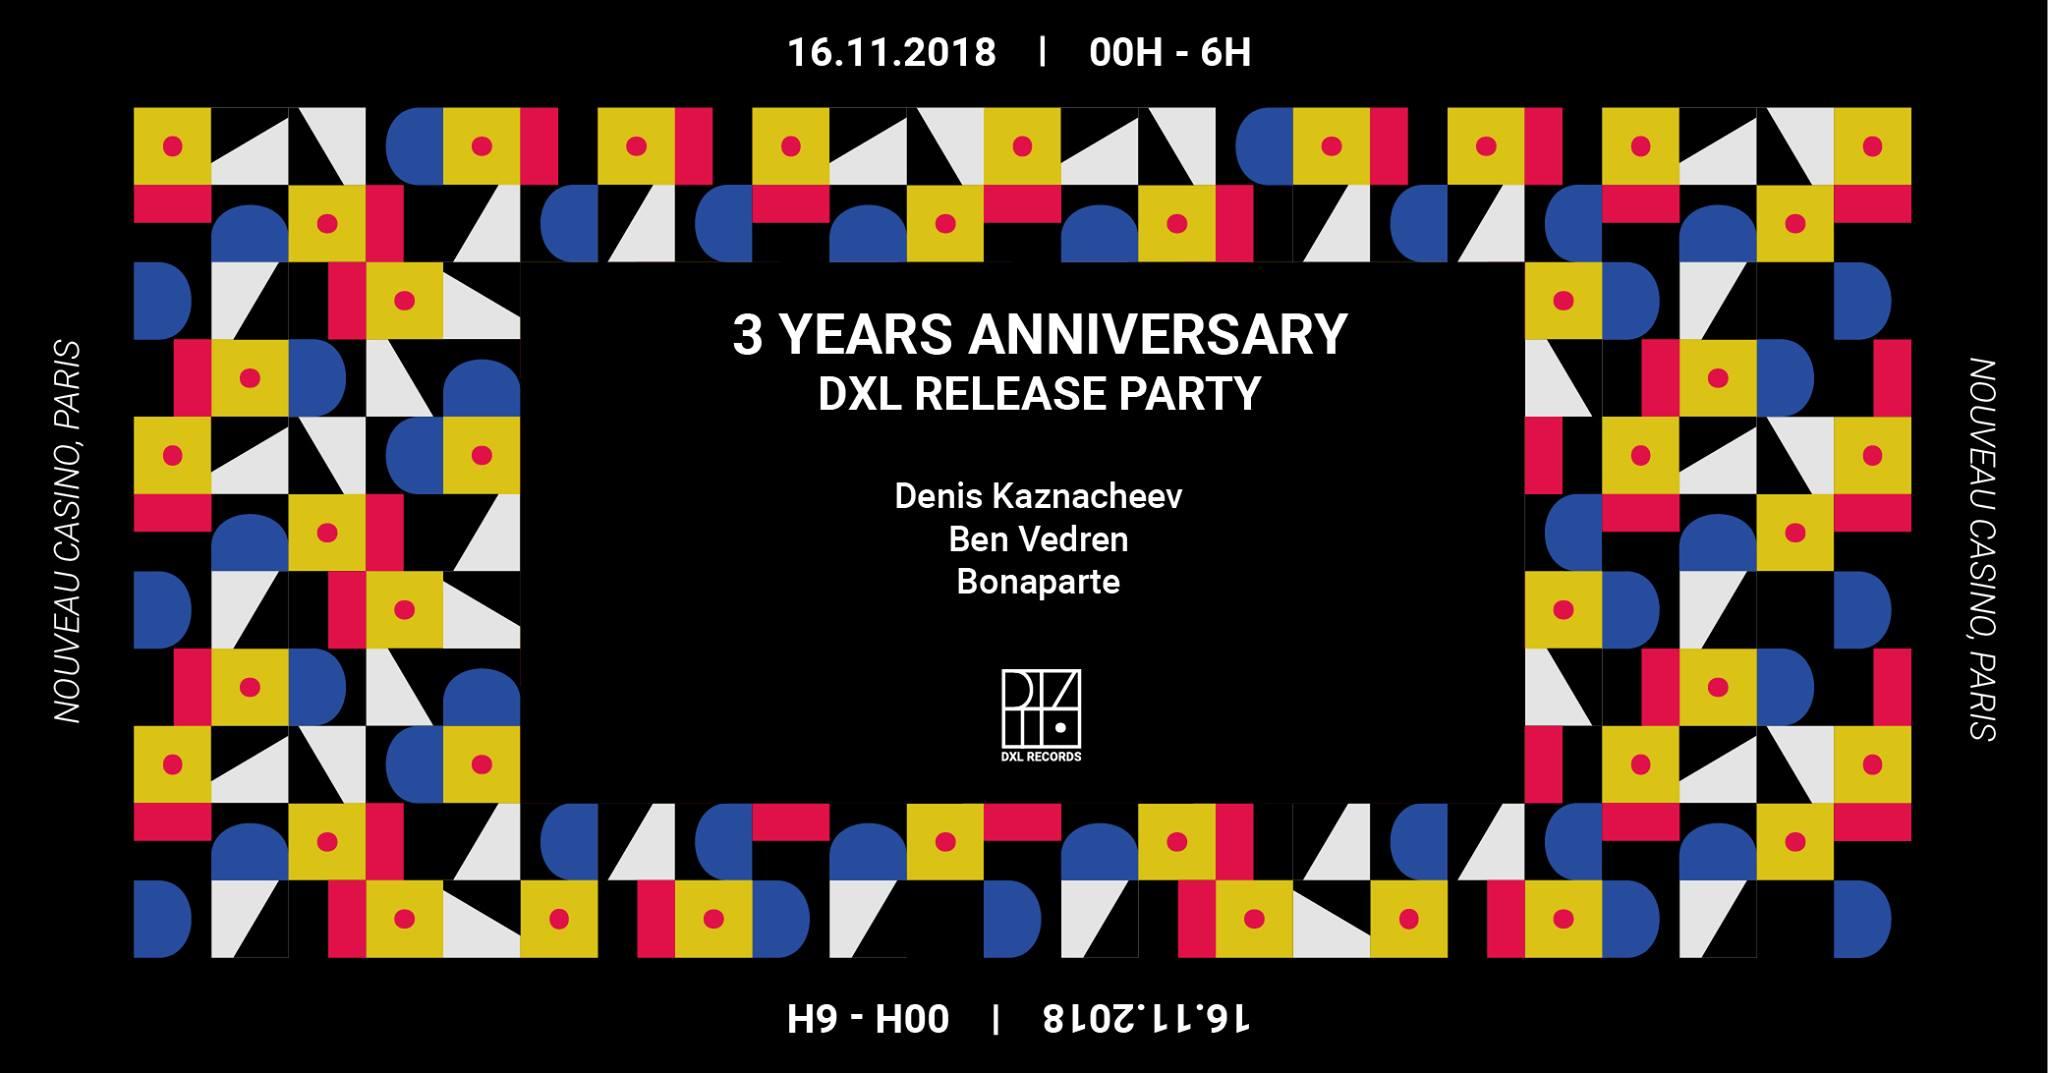 Part 2 : DXL Release Party